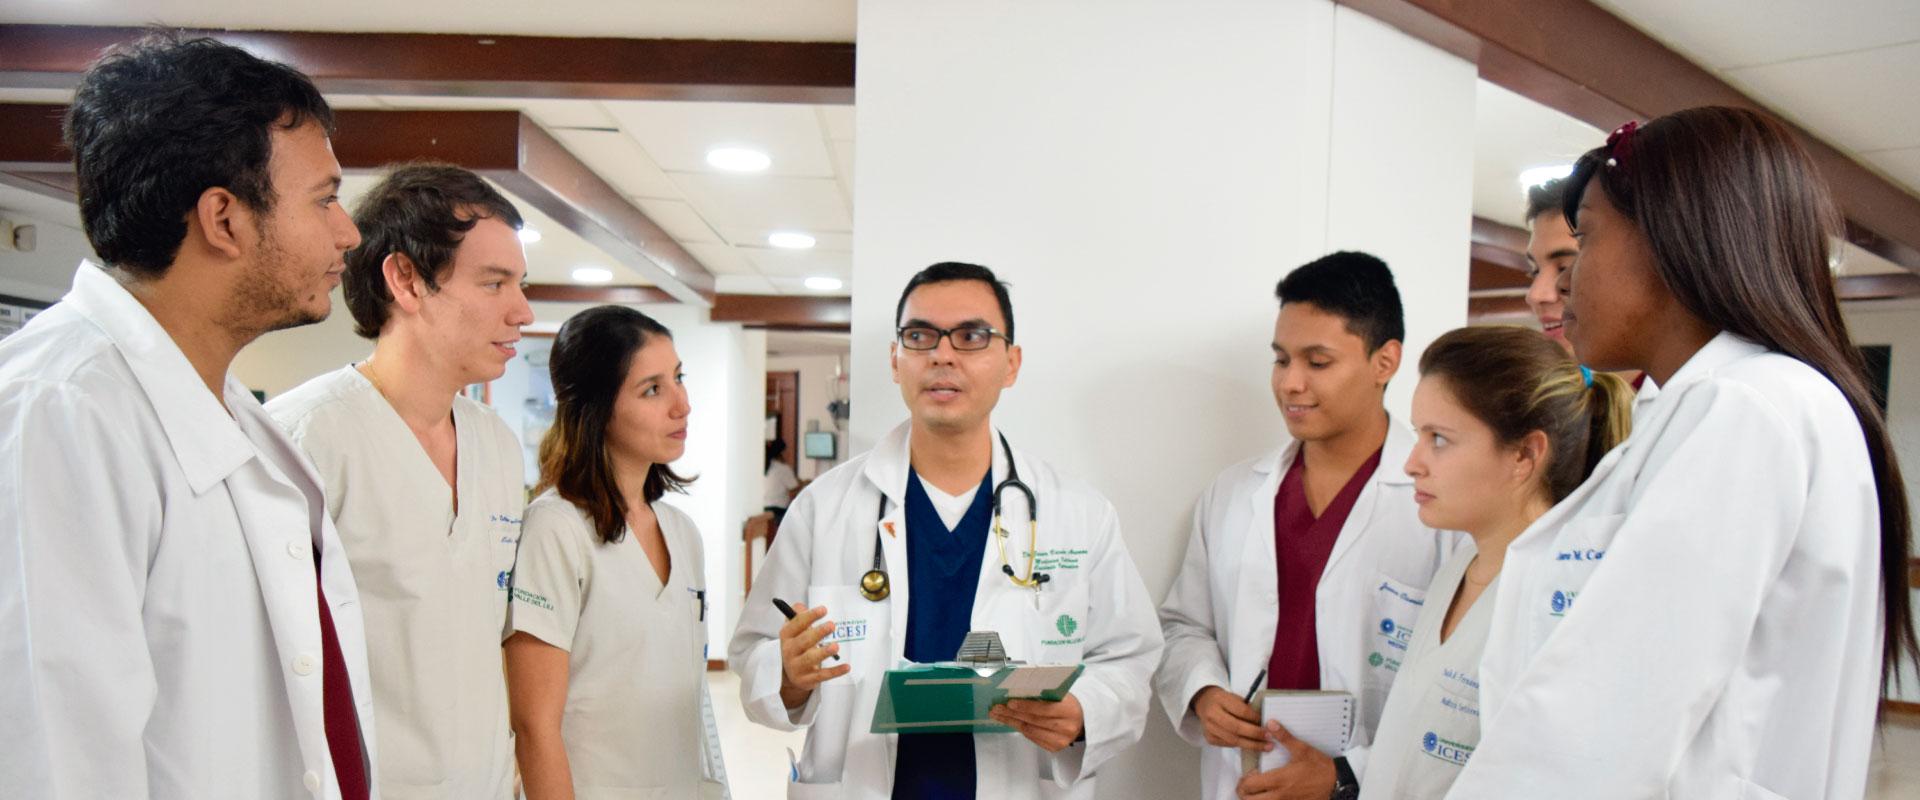 Alianza Profunda para la Vida fortalecida con importante certificación